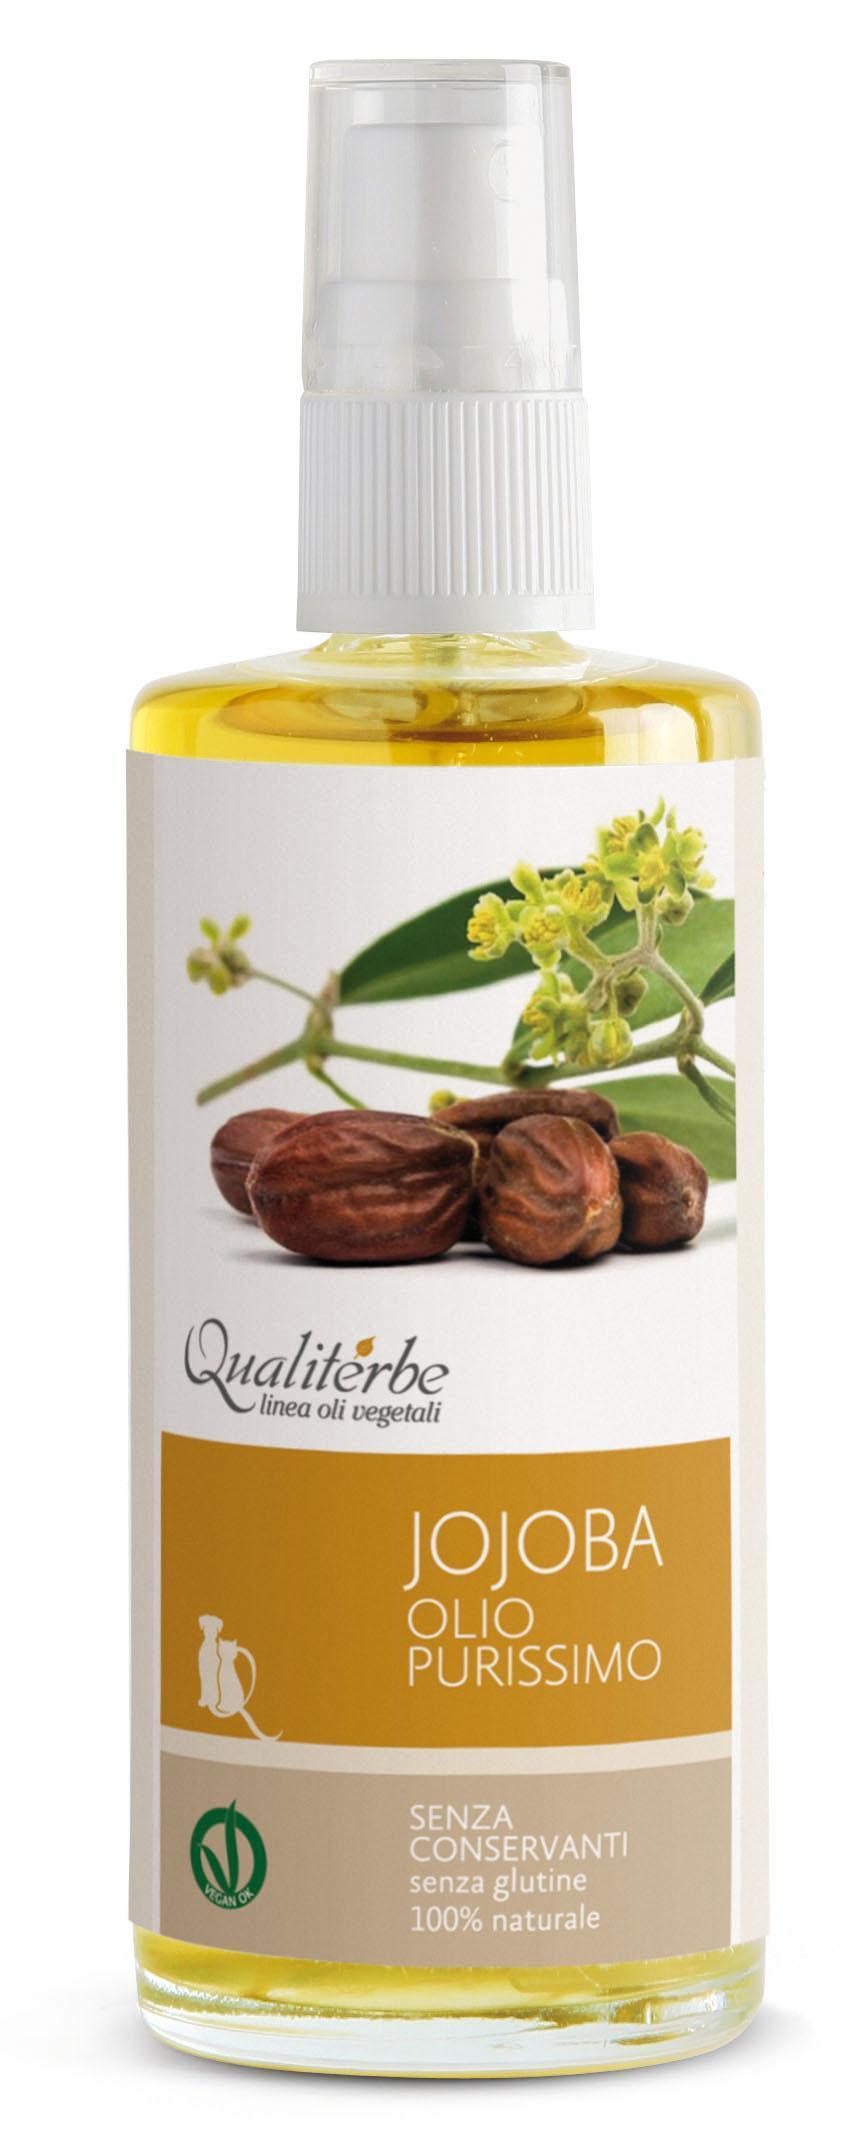 Olio di Jojoba  purissimo per smagliature 100% Naturale by Qualiterbe